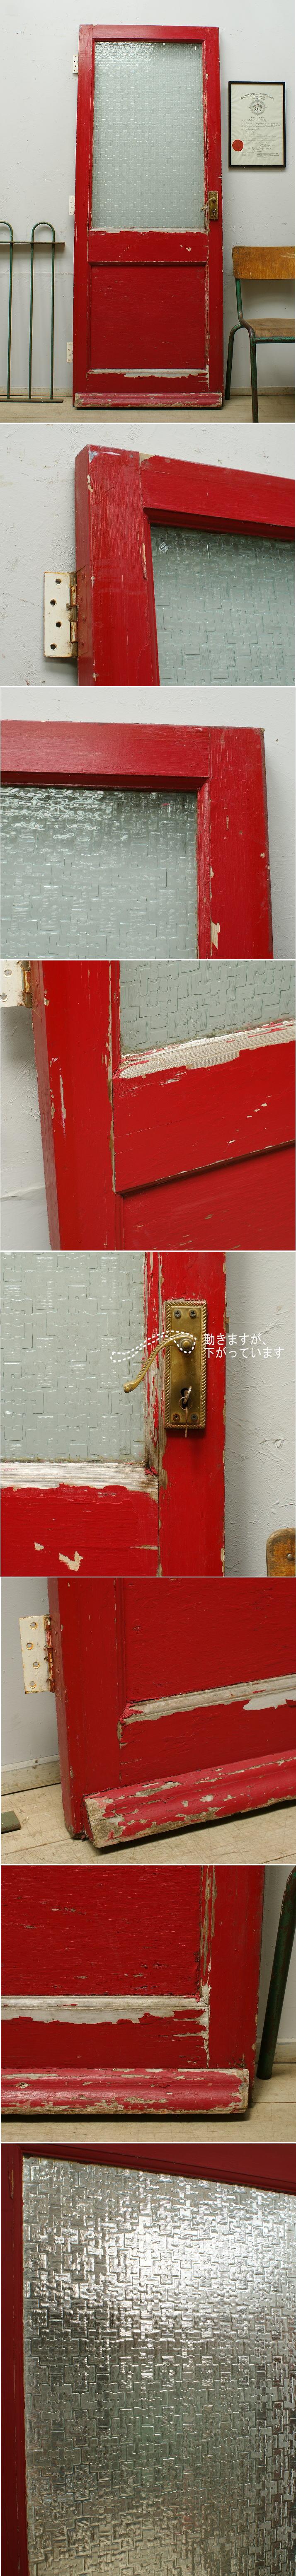 イギリス アンティーク ガラス入り木製ドア 扉 ディスプレイ 建具 6385